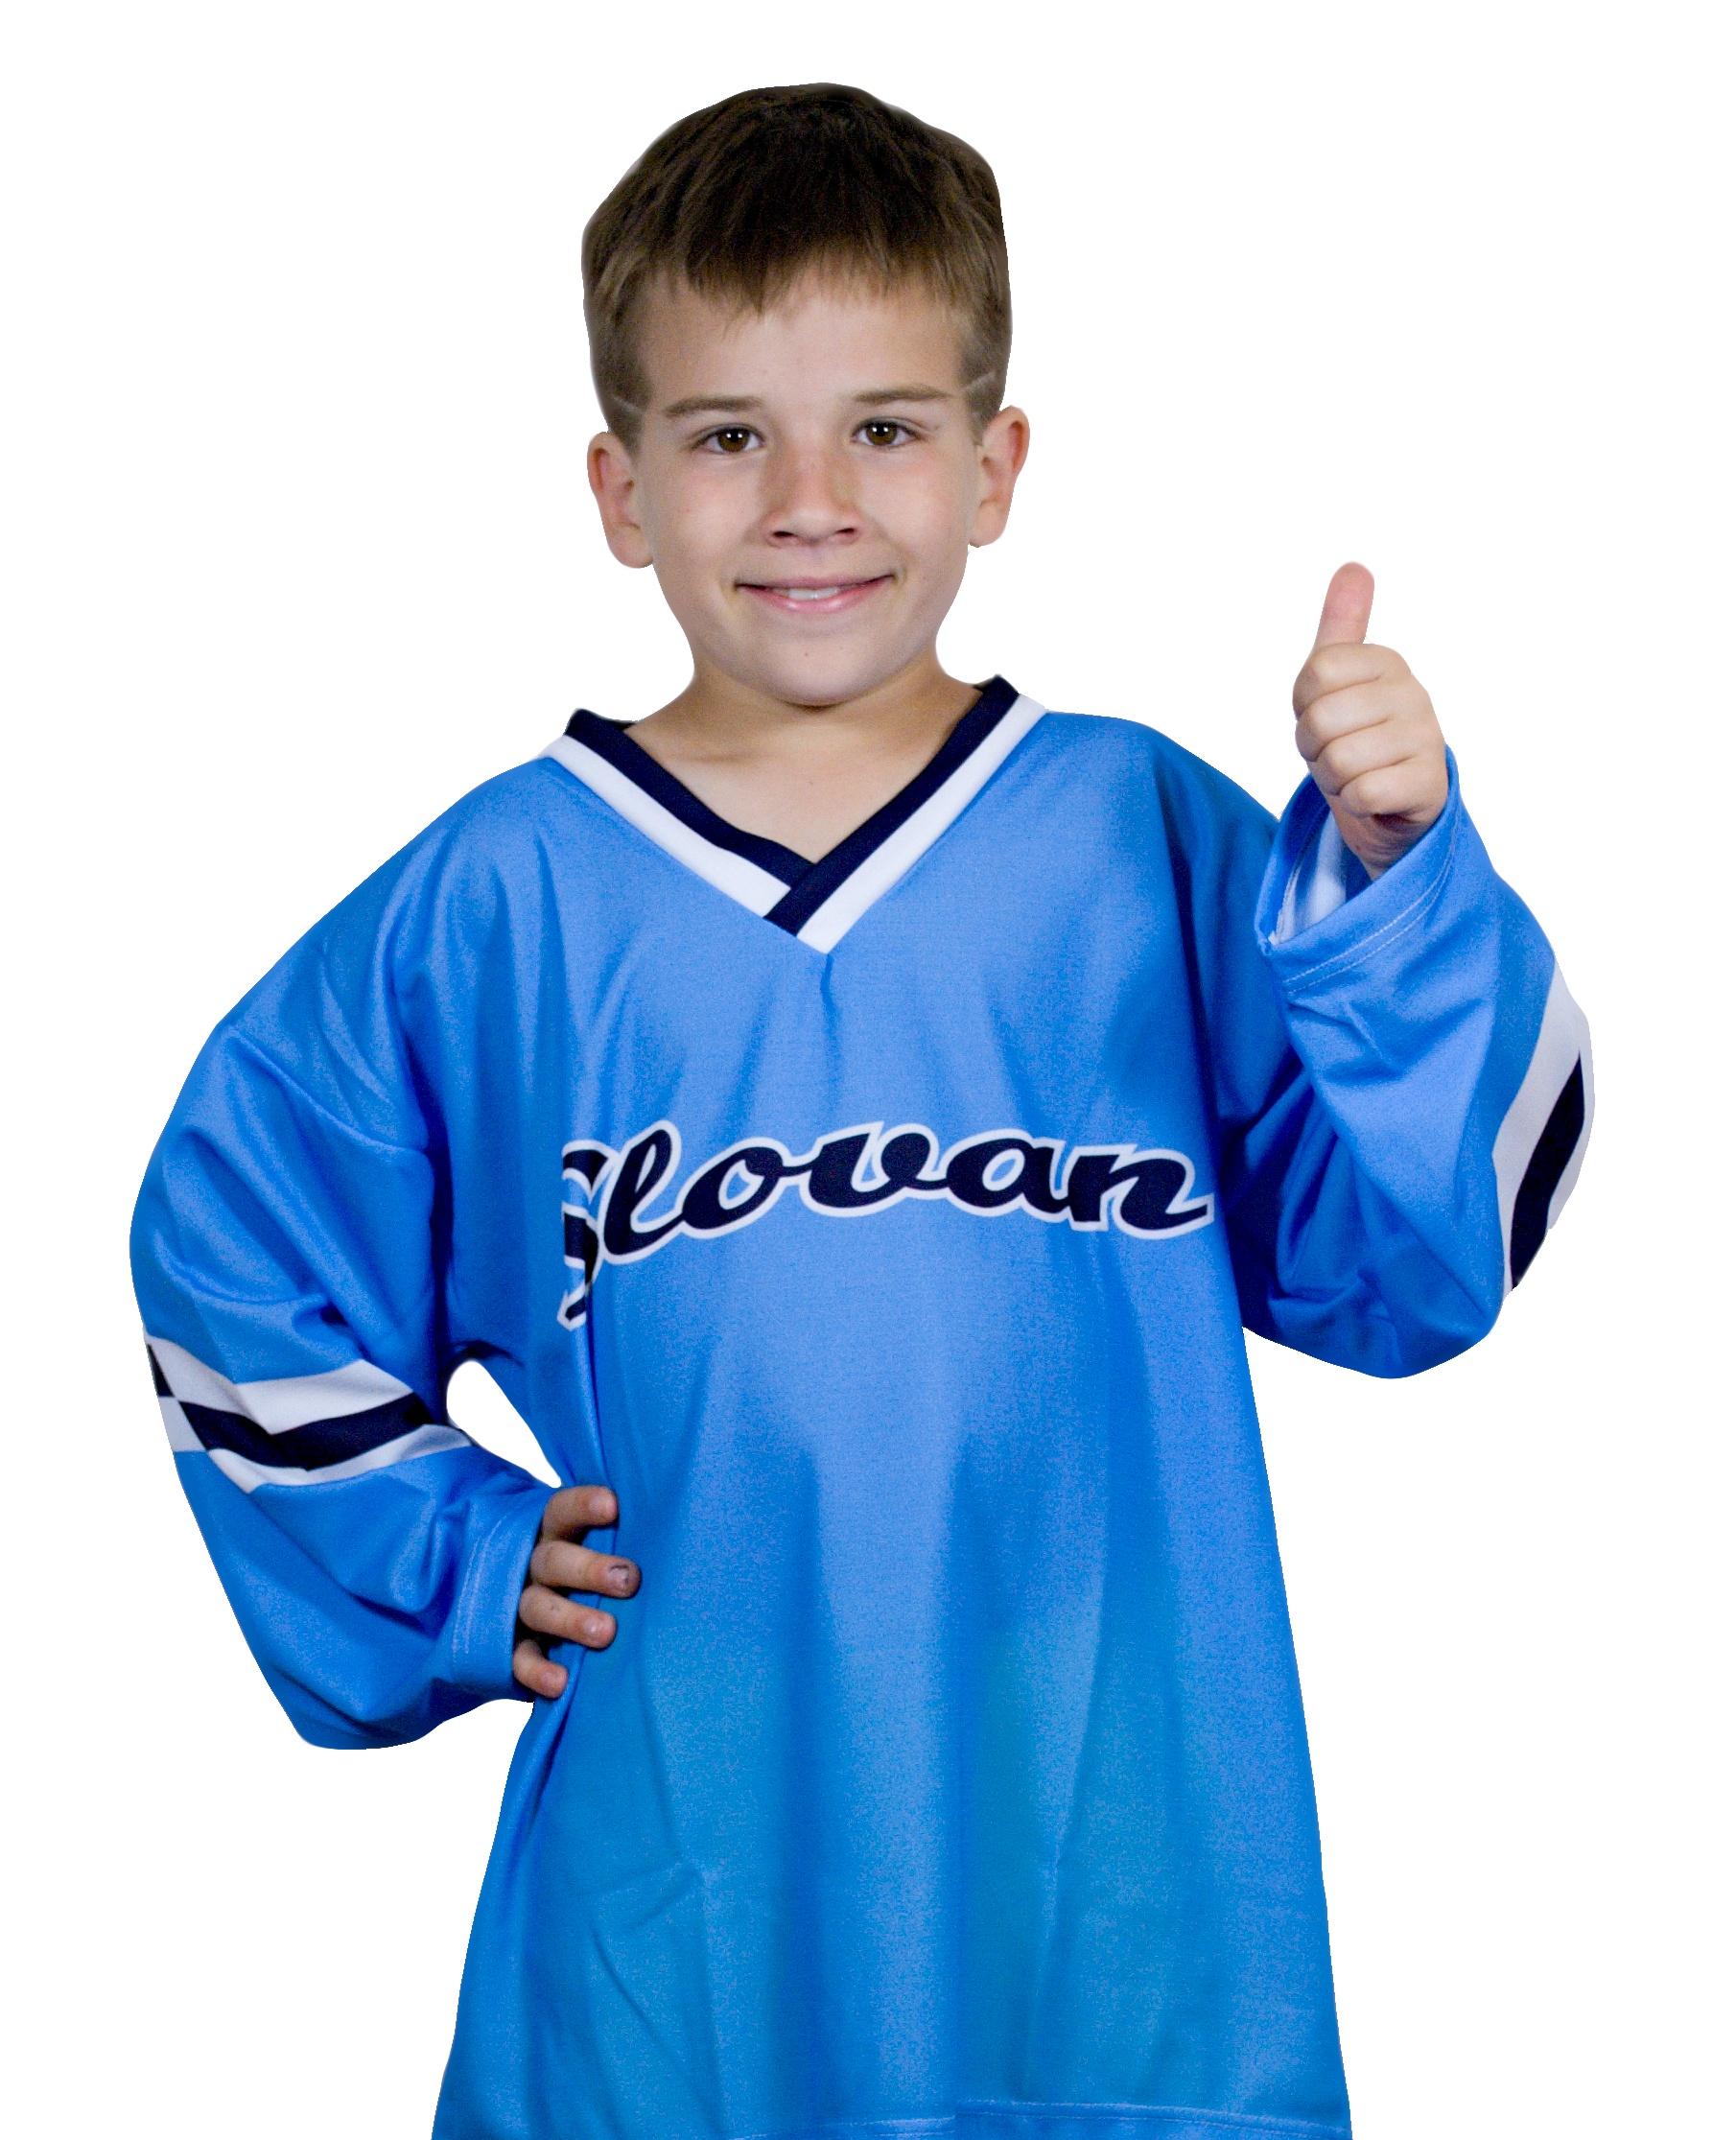 51fc3f6a60a7a Hokejový dres Slovan nápis belasý DETSKÝ - Fanshop SB